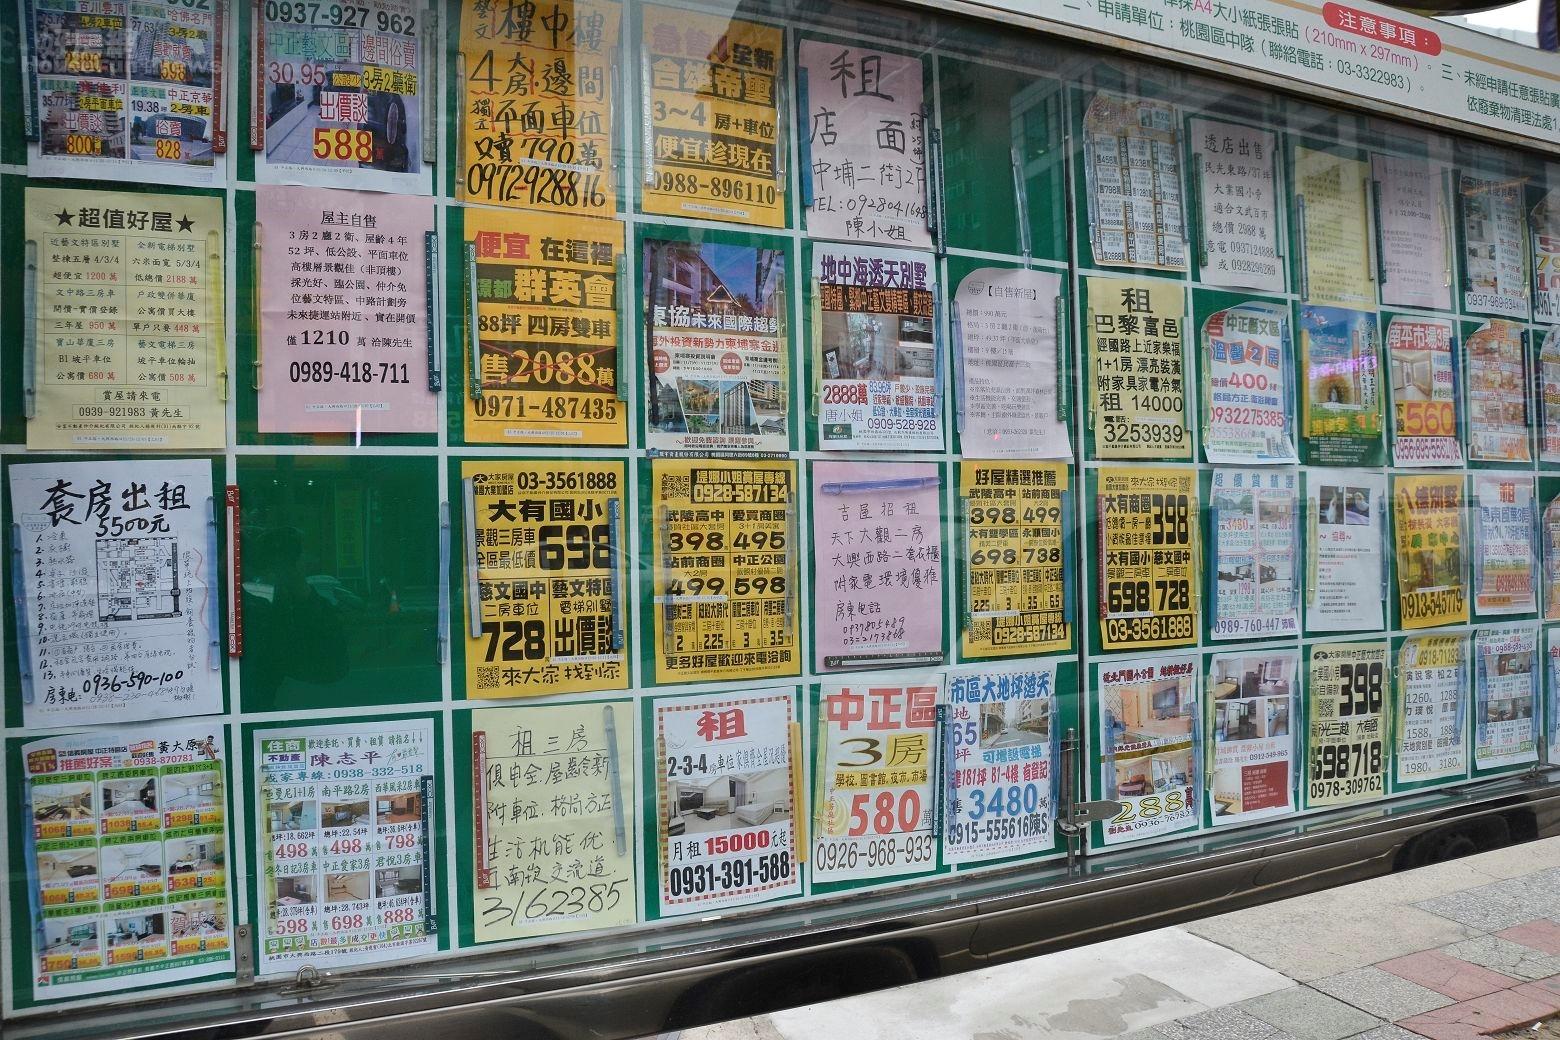 桃園租屋買屋廣告看板。(好房網News記者 陳韋帆/攝影)